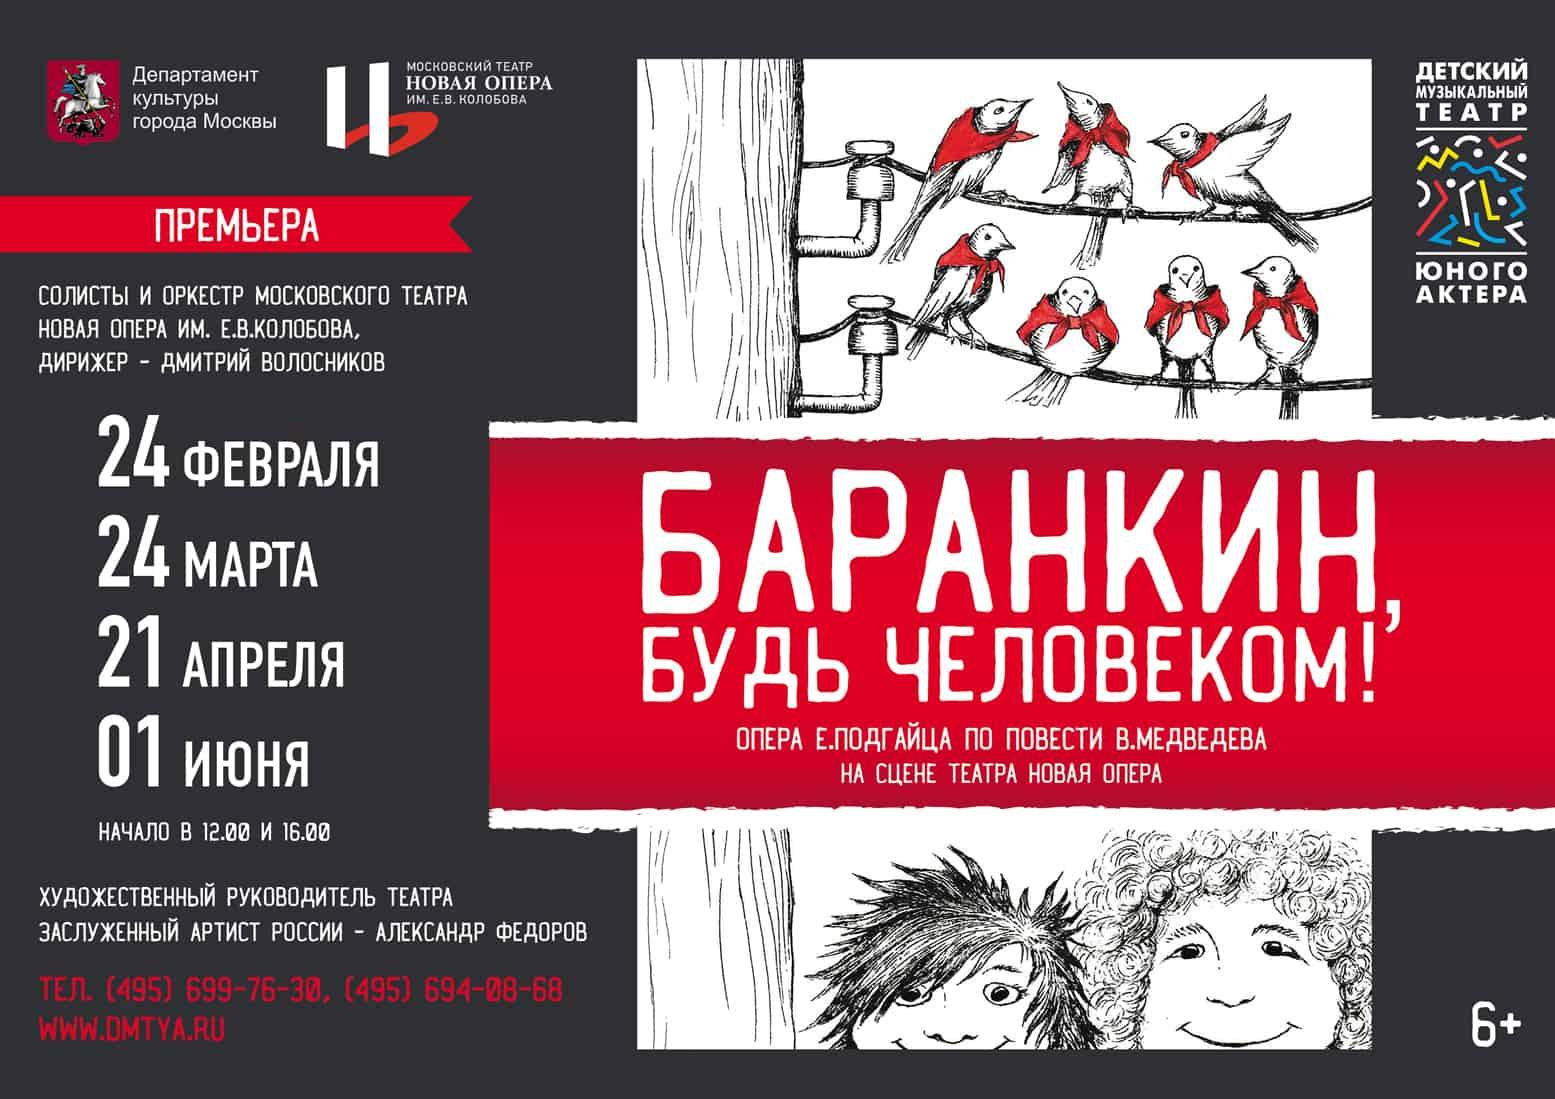 Баранкин, будь человеком «Баранкин, будь человеком!»: премьера в театре Новая Опера Barankin NovOpera 297x210 3 1